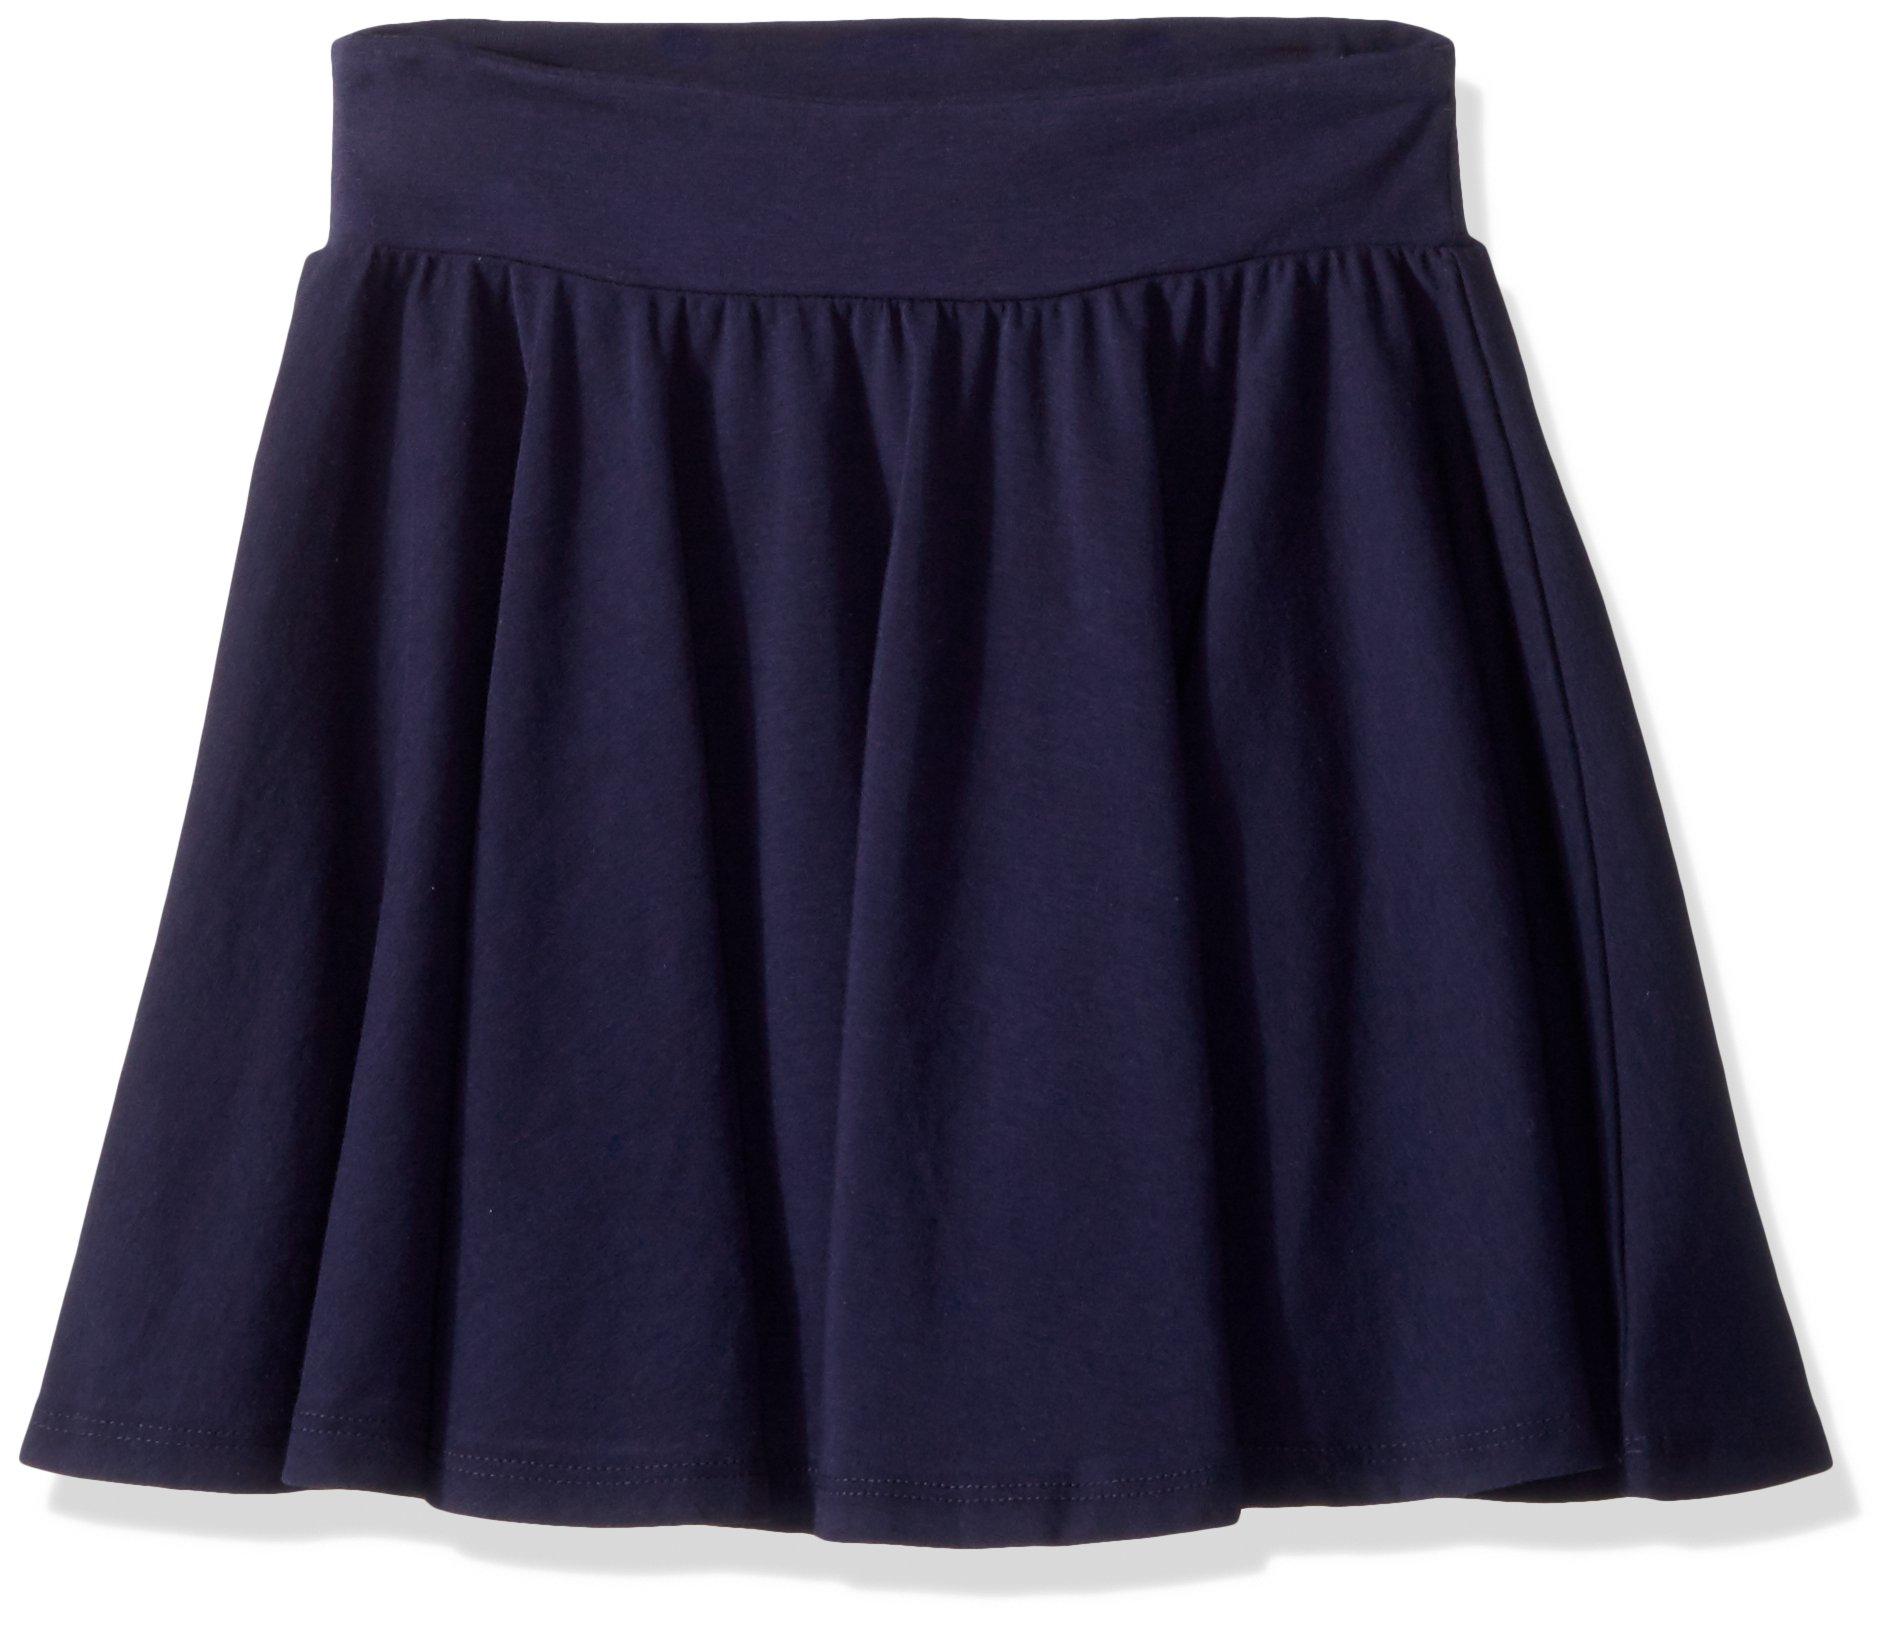 Splendid Big Girls' Twirly Skirt, Navy, 12